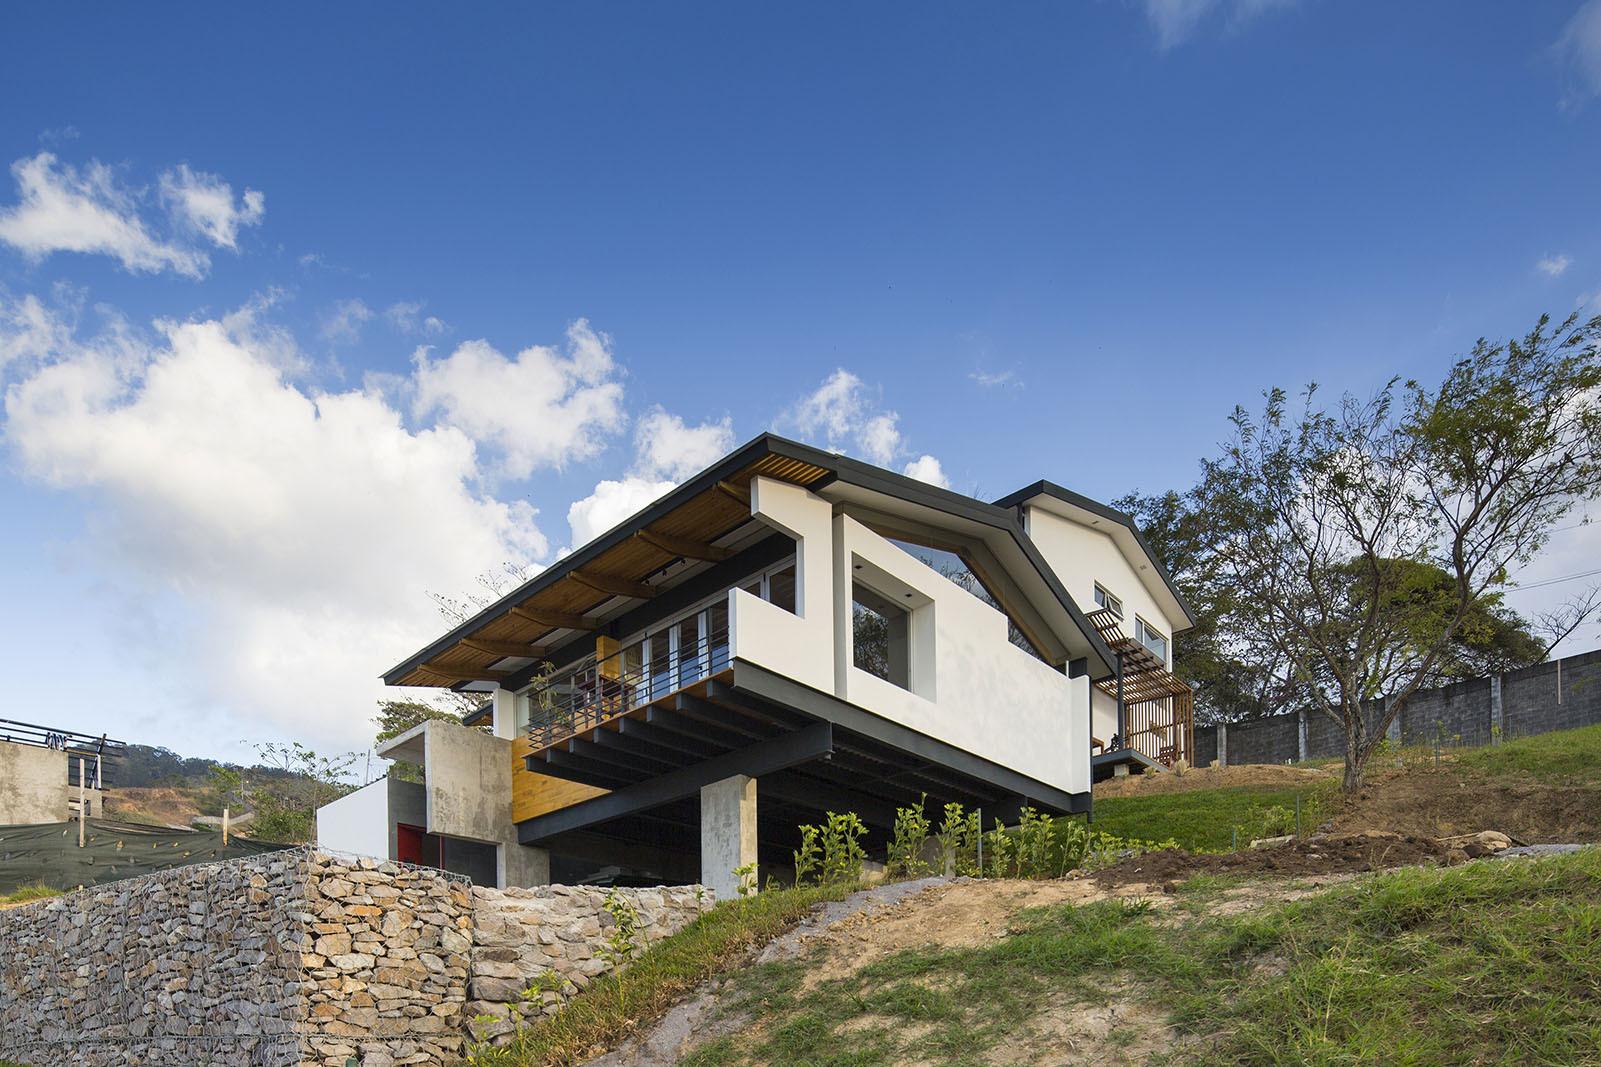 Casa en ladera aarcano arquitectura plataforma for Plataforma arquitectura